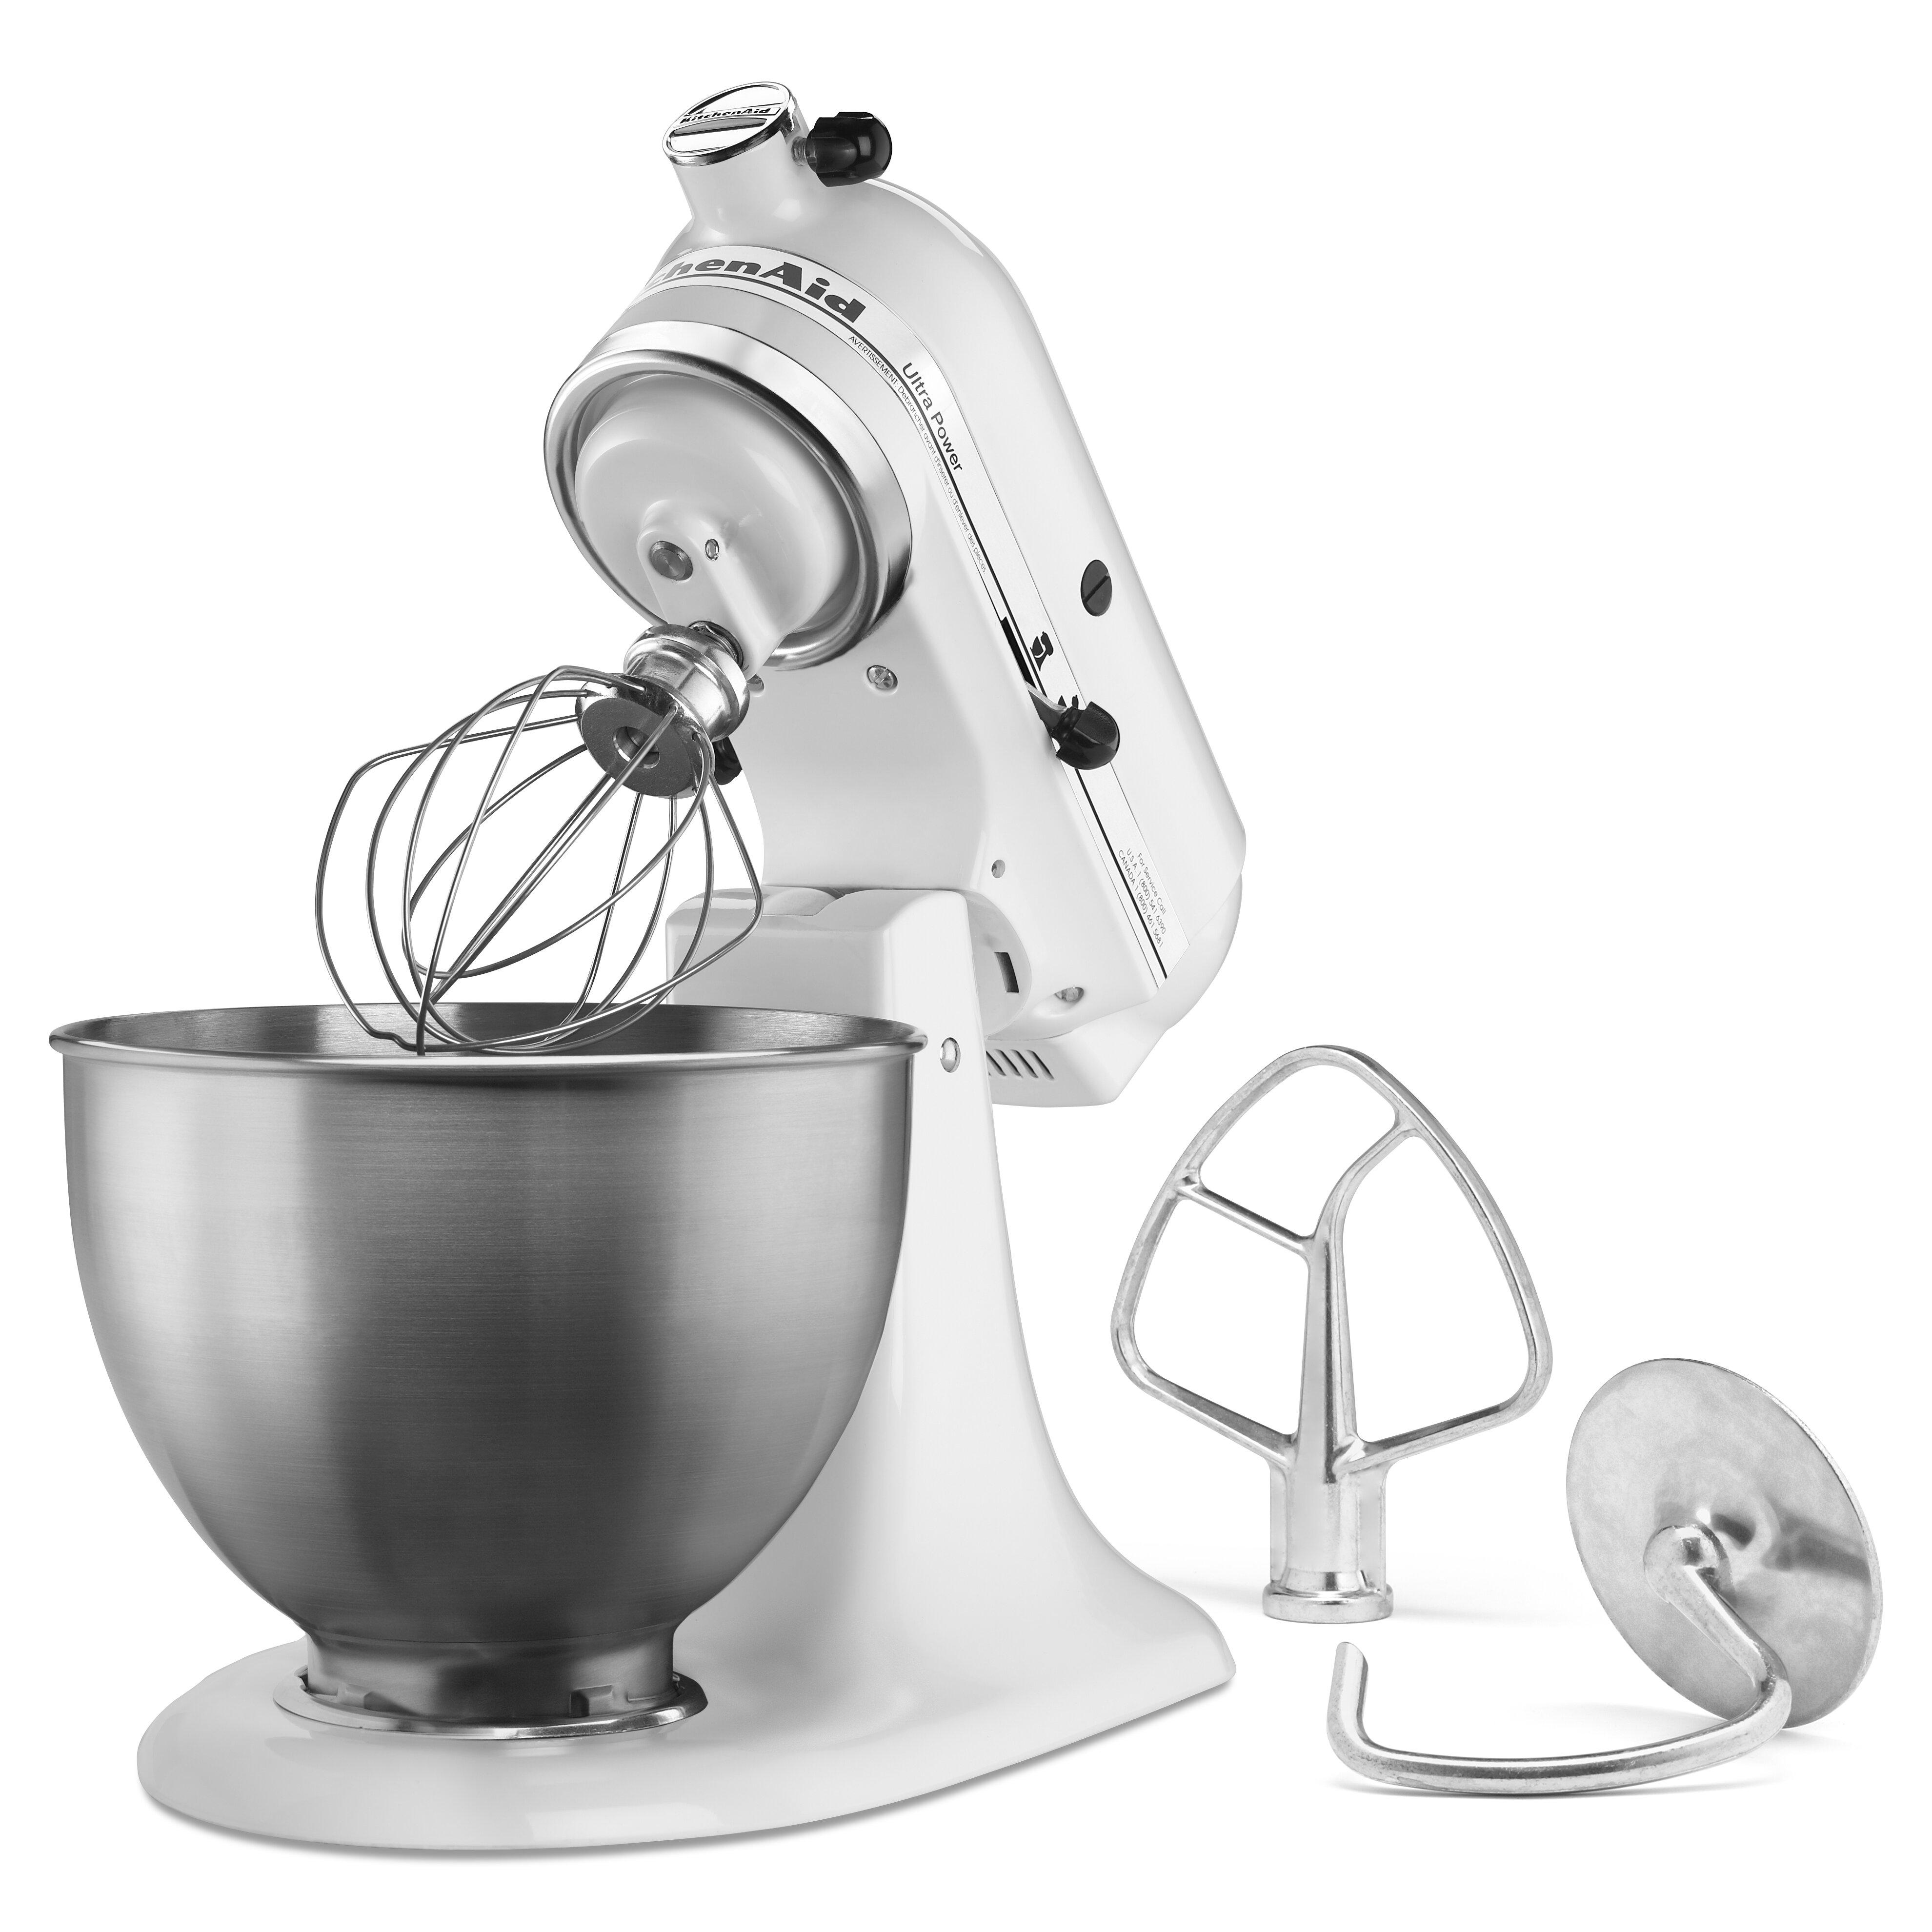 Kitchenaid Ultra Power Series 4 5 Qt Stand Mixer